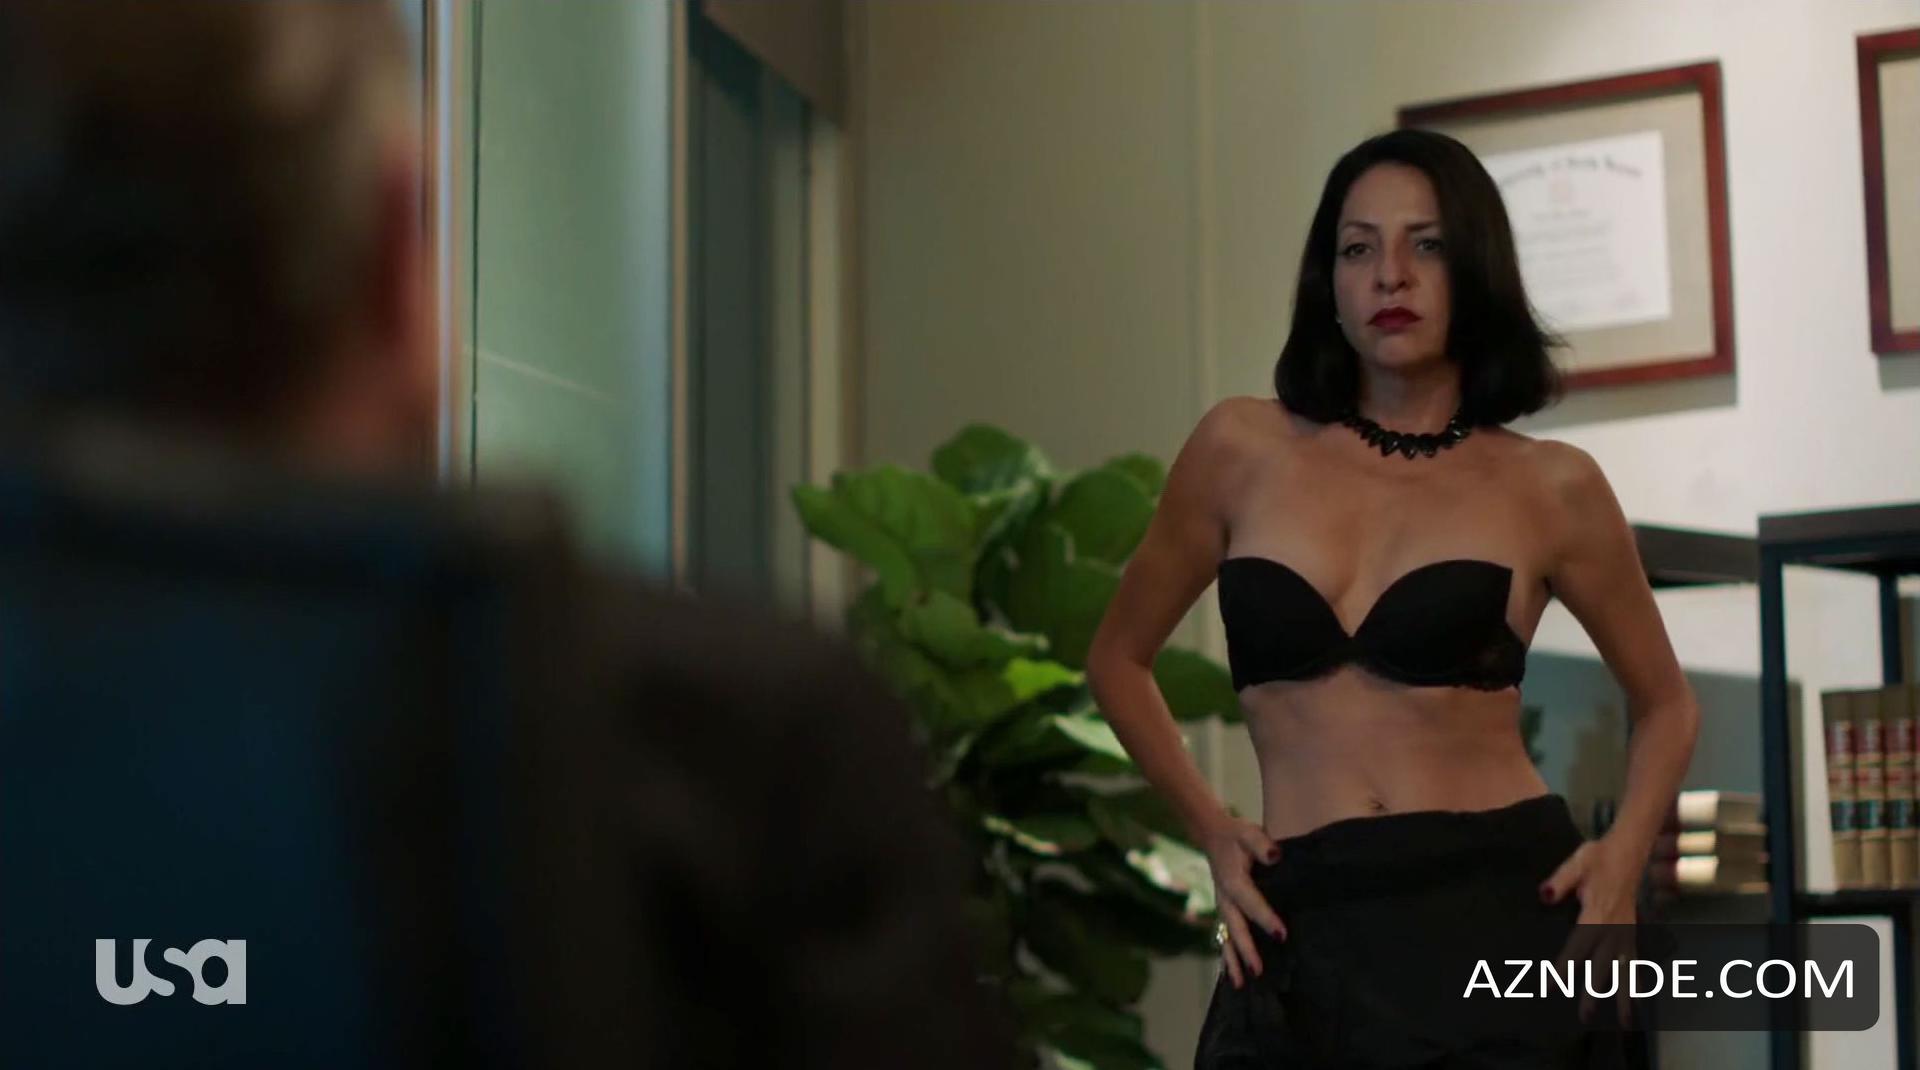 Alice braga nude sex scene in lower city scandalplanetcom 9